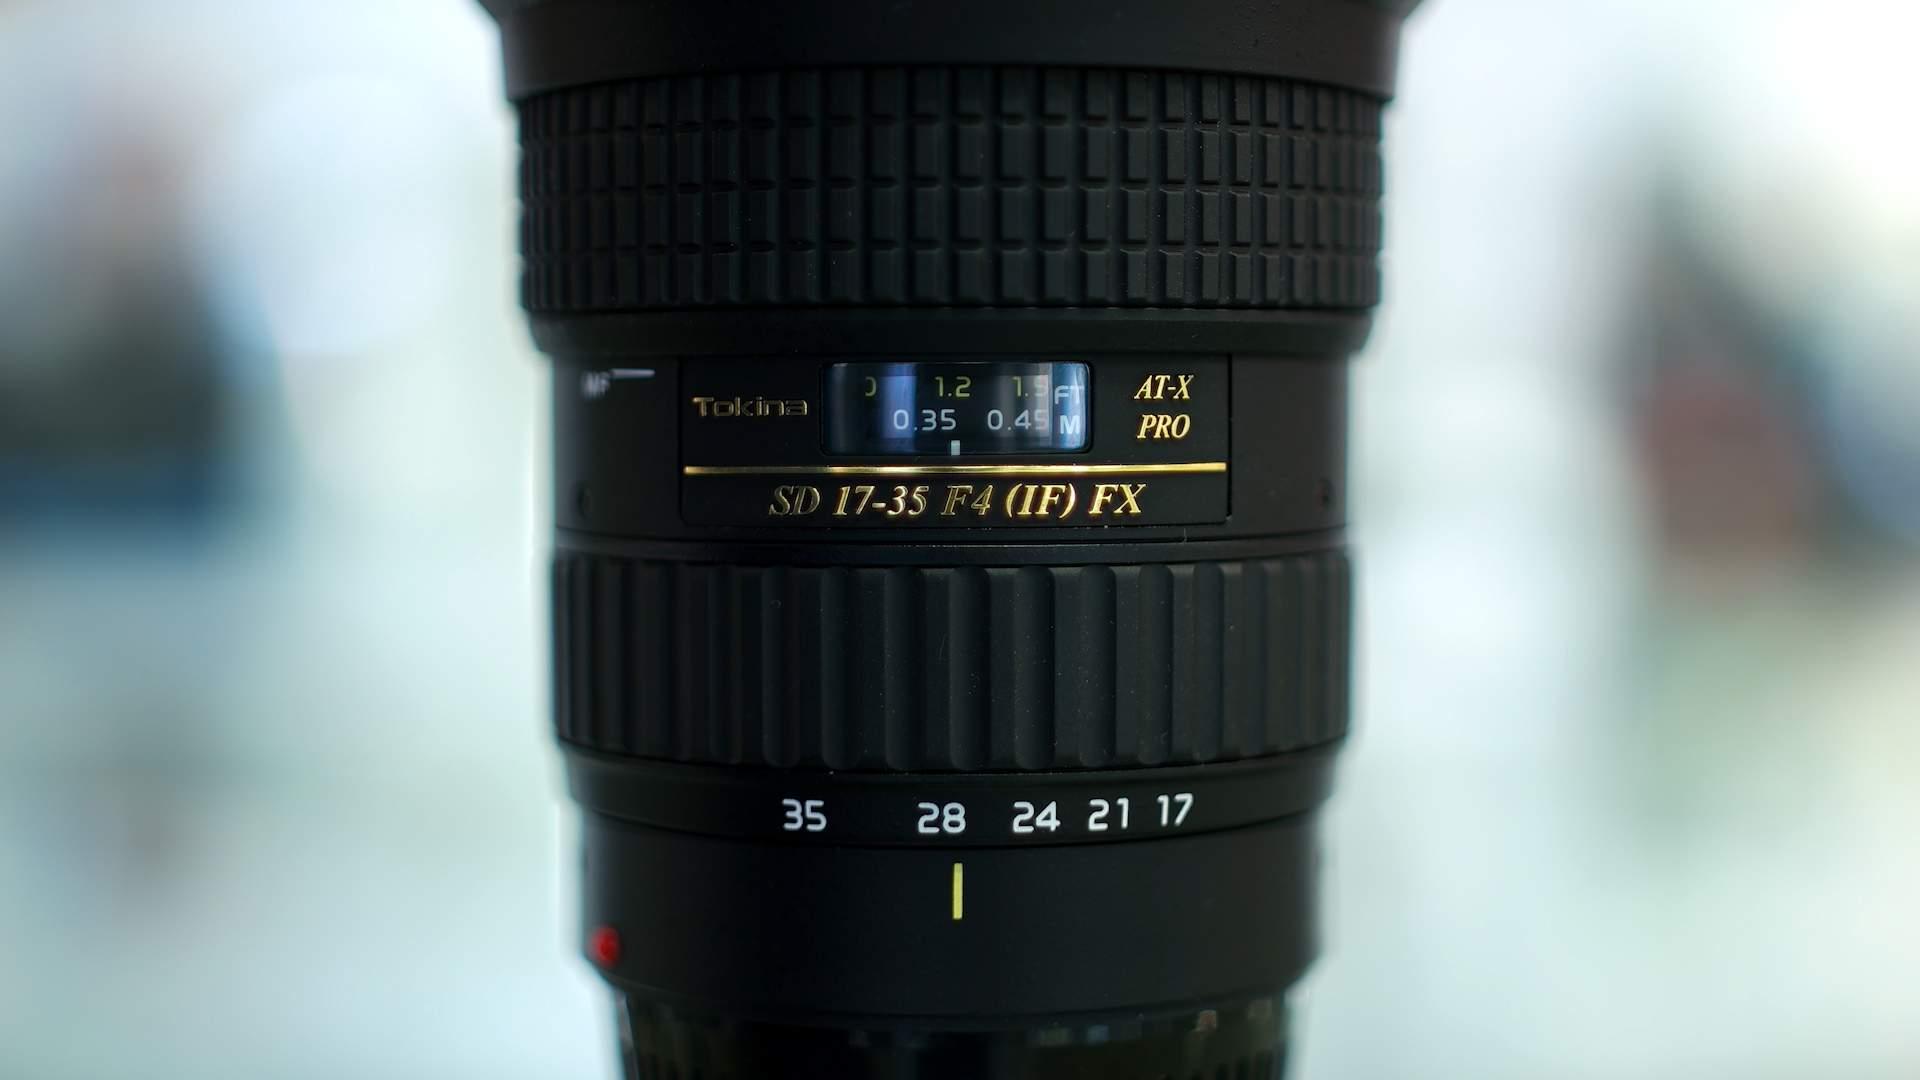 Dettaglio ghiere obiettivo Tokina 17-35mm f4 Pro FX